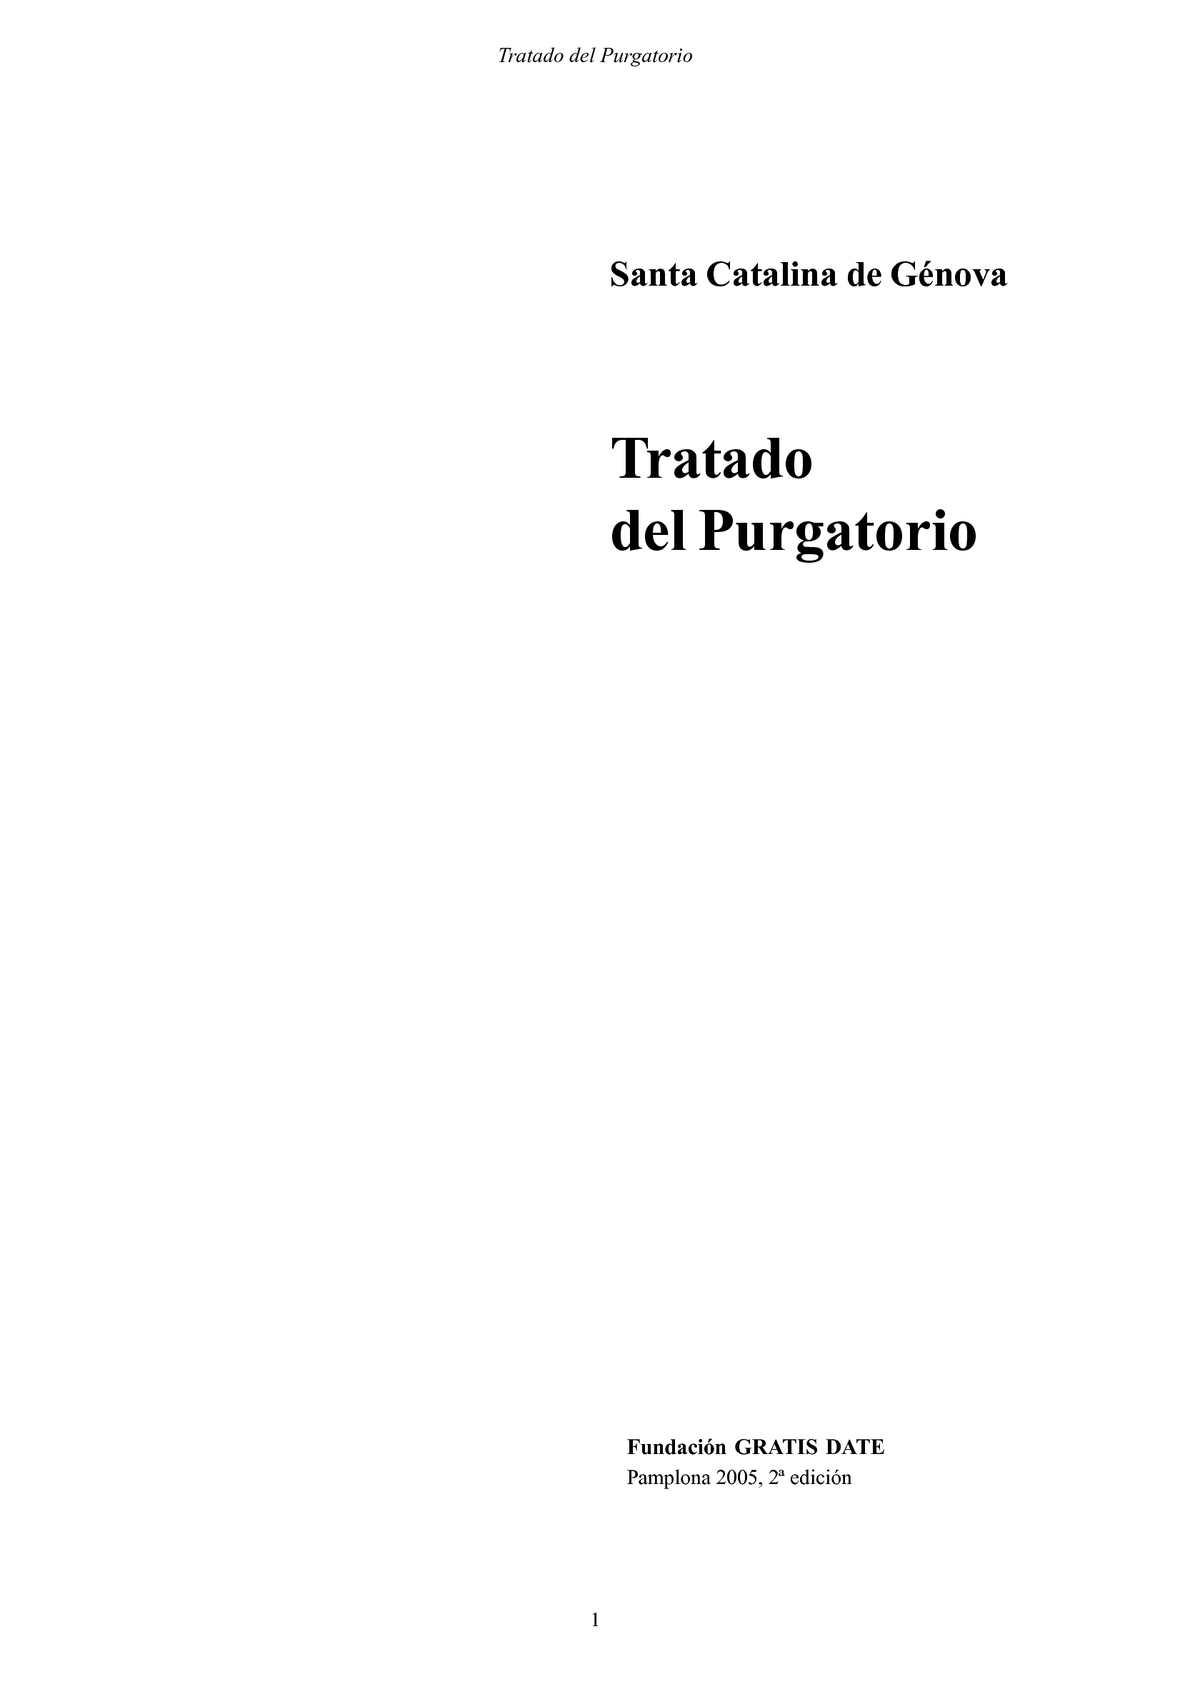 TRATADO SOBRE EL PURGATORIO-SANTA CATALINA DE GENOVA